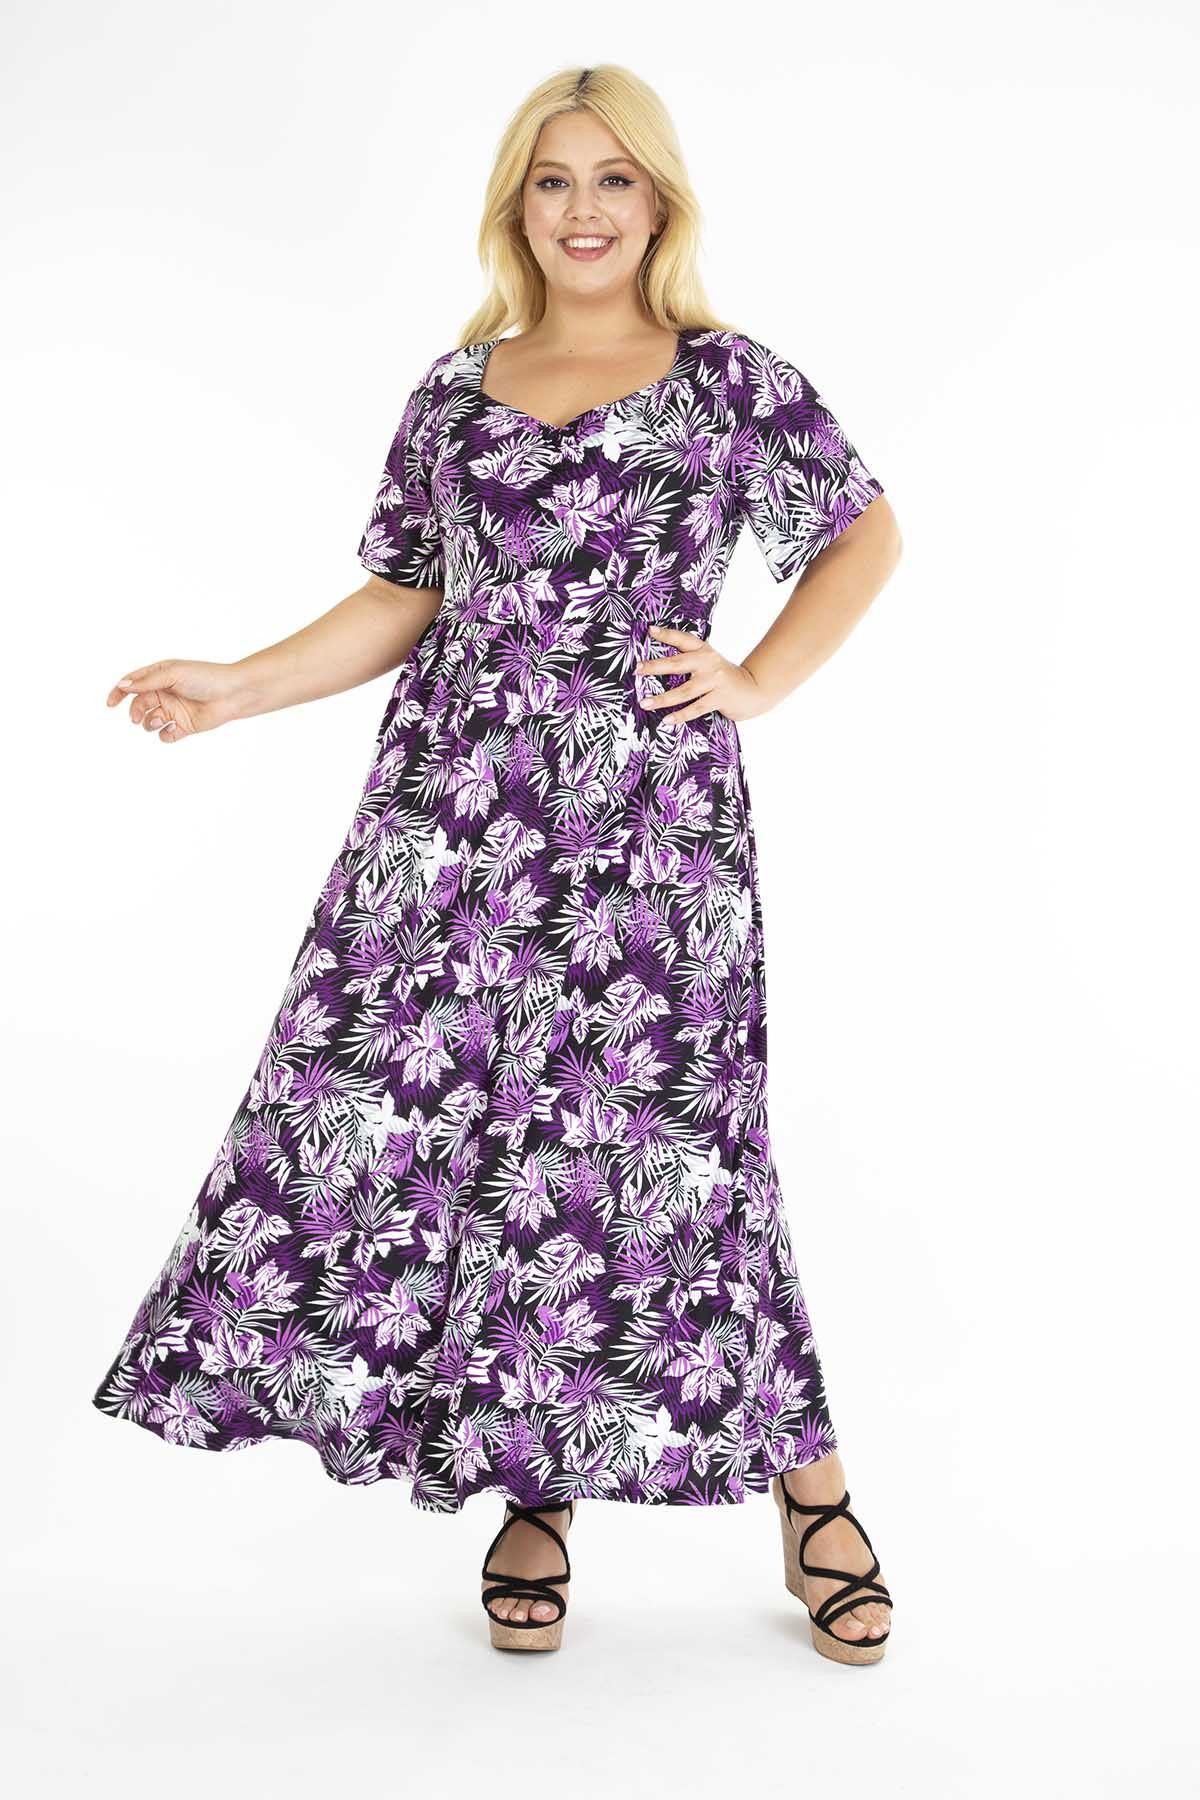 Mor Çiçekli Desenli Uzun Büyük Beden Elbise 31D-1220